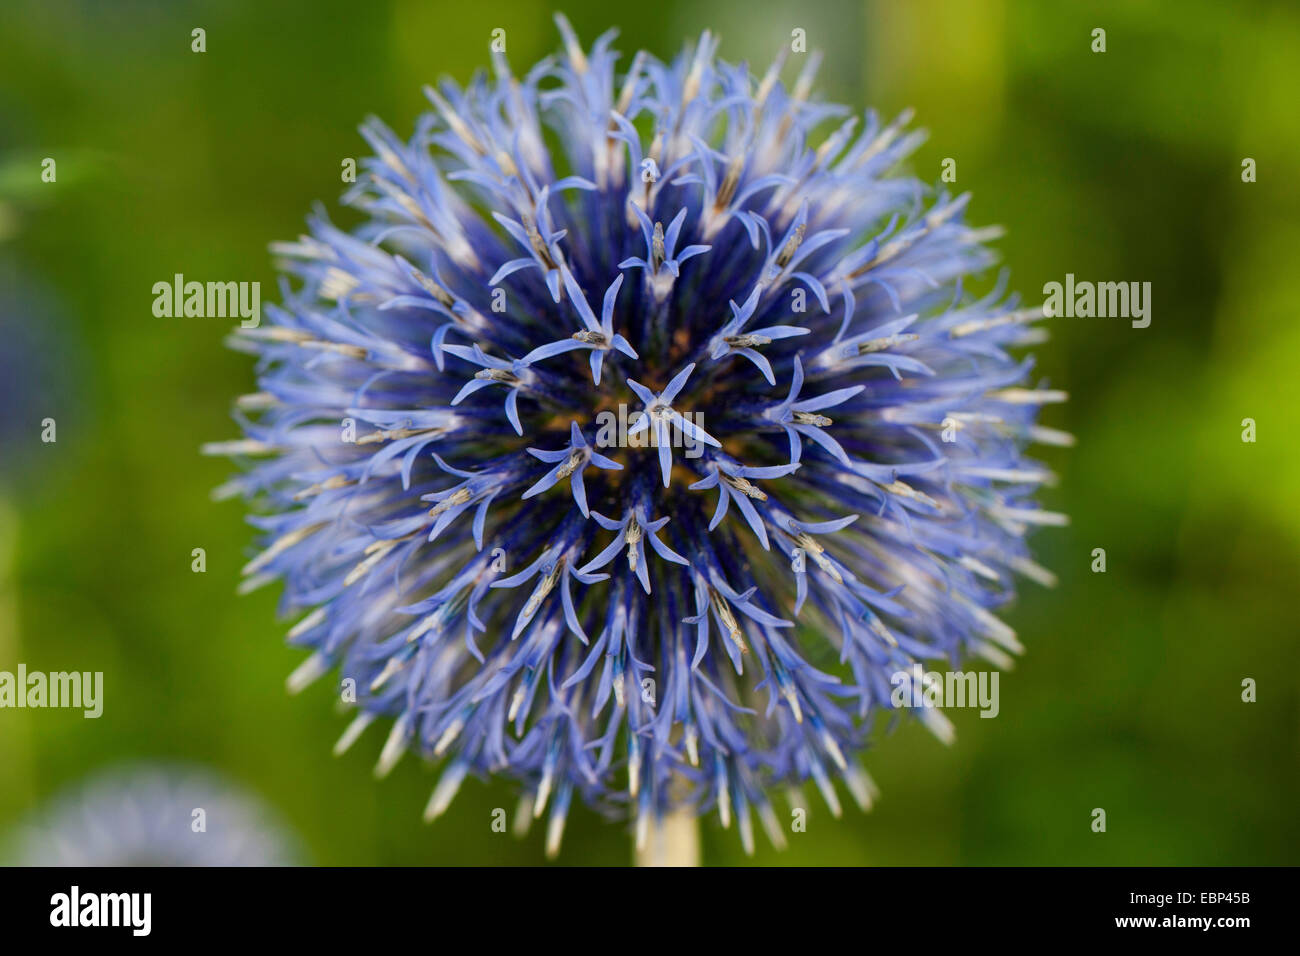 Globethistle, Globe-thistle (Echinops spec.), inflorescence - Stock Image